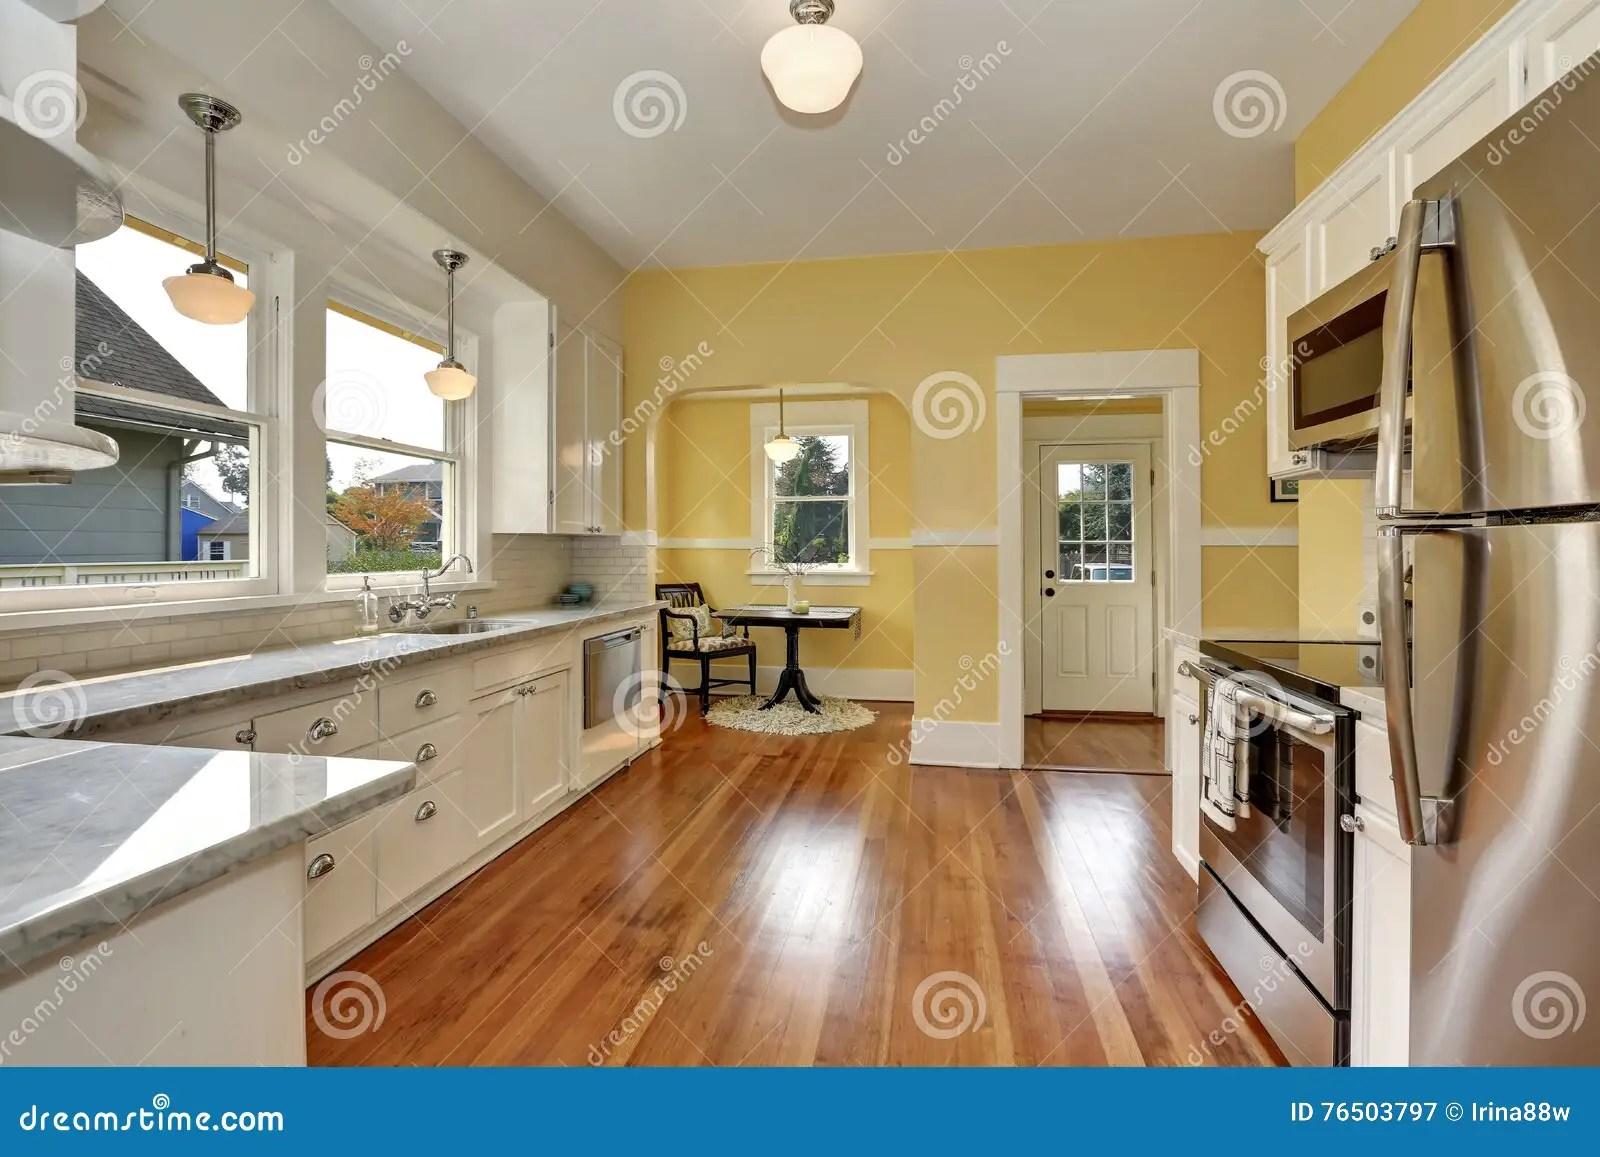 Pareti cucina gialle smalto lavabile per cucina idee per la casa